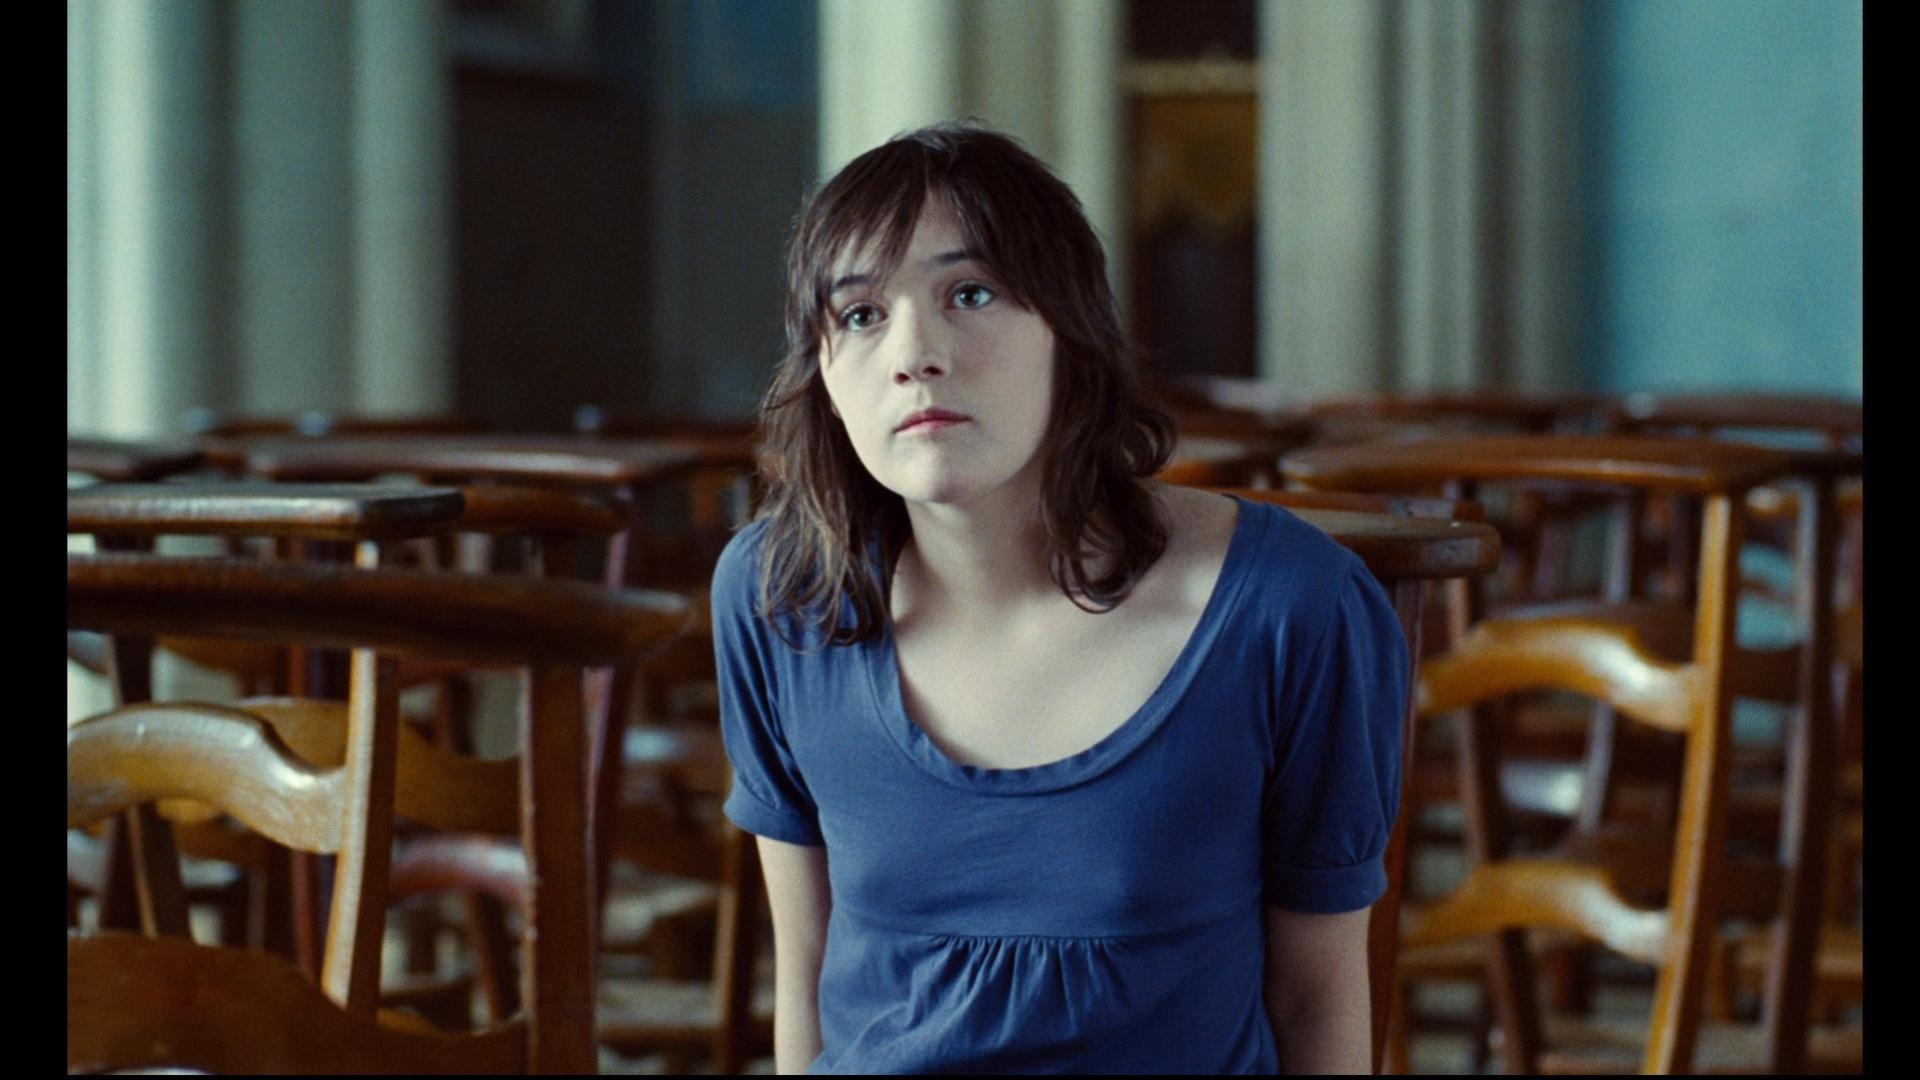 Capture du Blu-Ray de Hadewijch de Bruno Dumont.